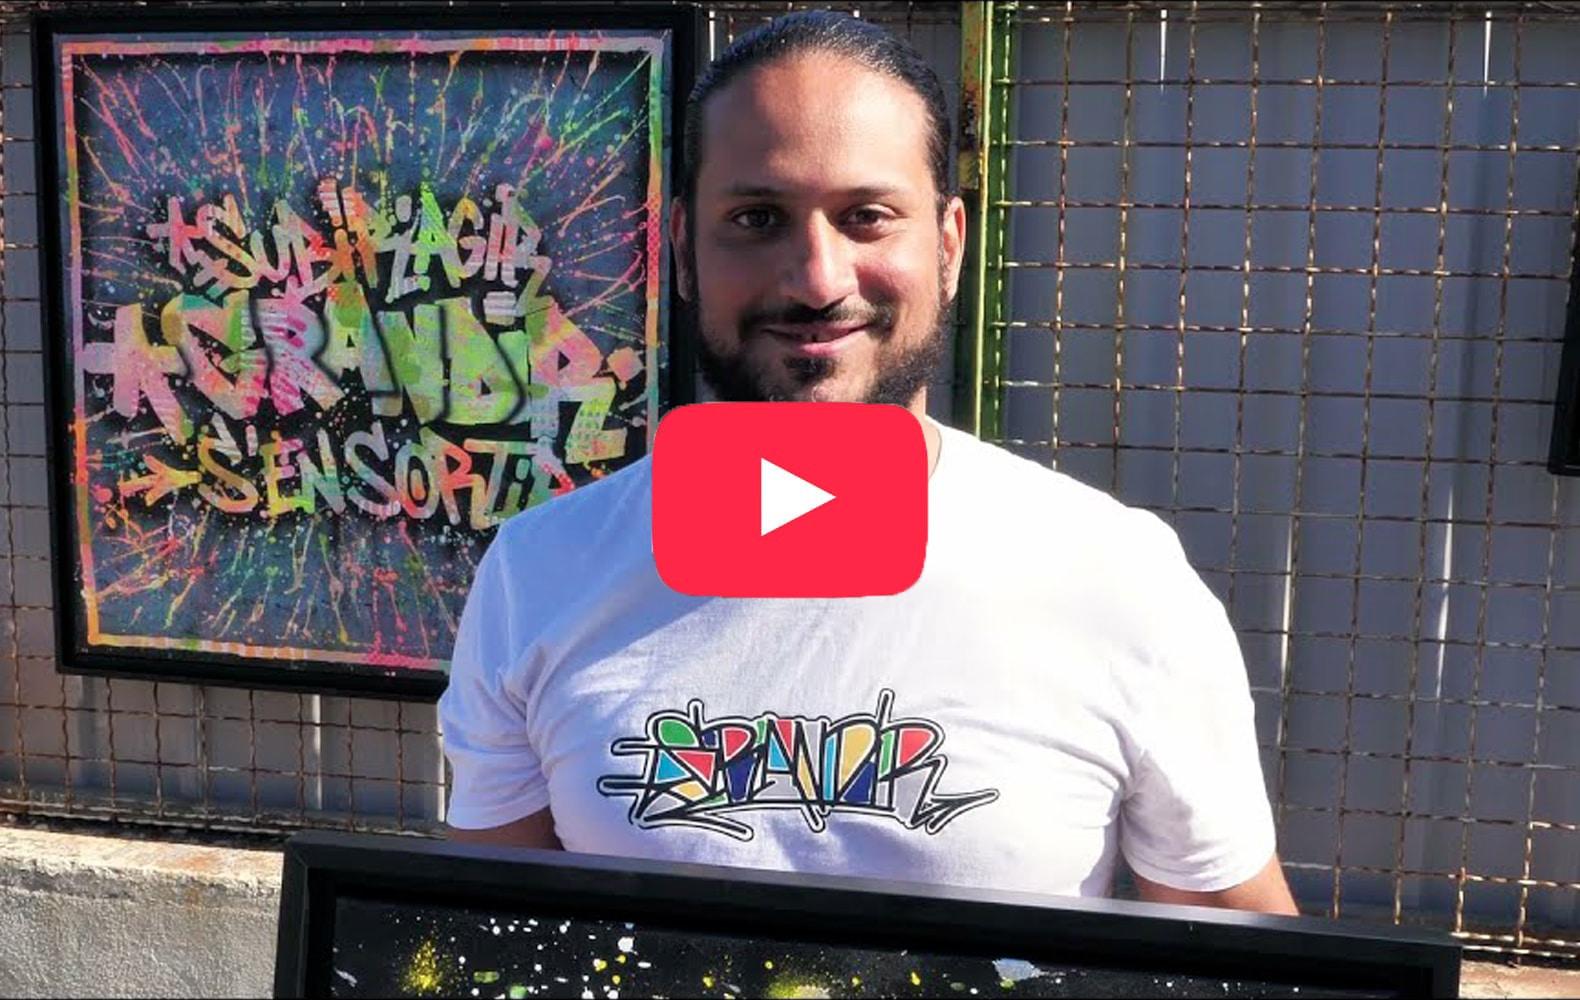 Grandir – Réalisation du Projet Fresque Monumentale avec DOK